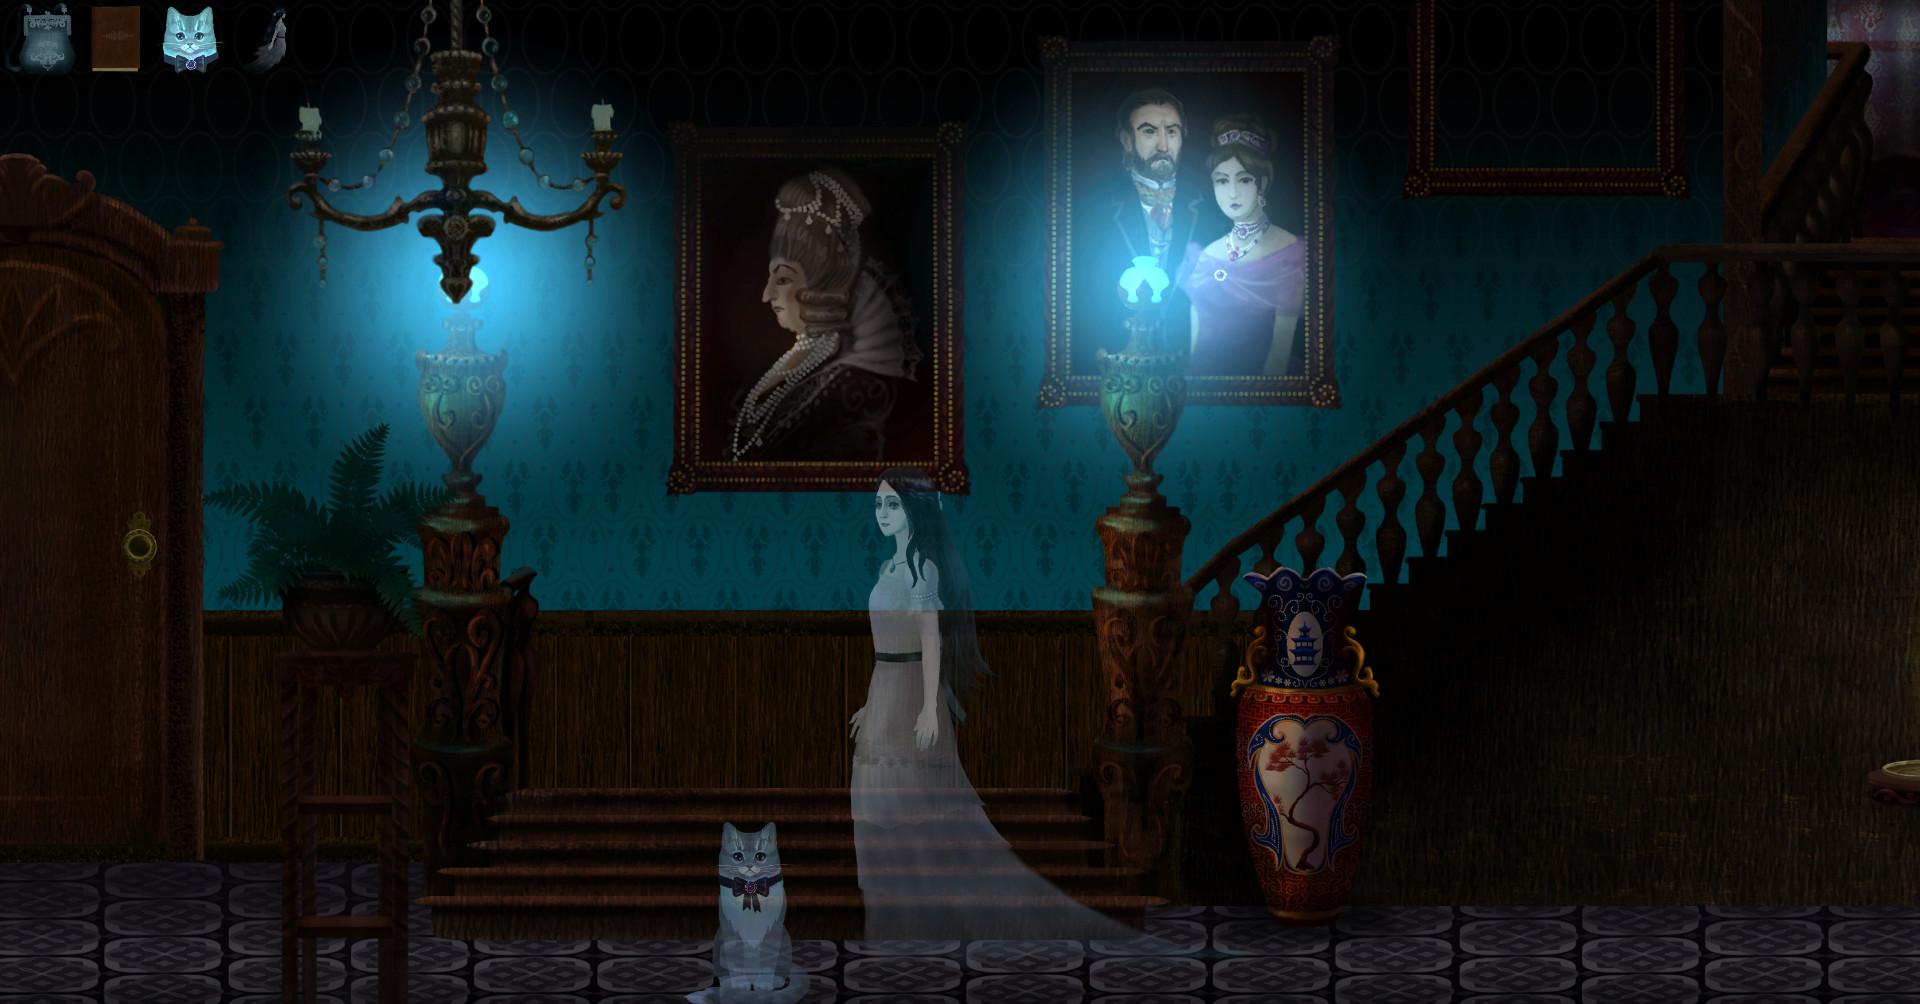 Detective From The Crypt - викторианский мистический детектив с кошкой. - Изображение 6